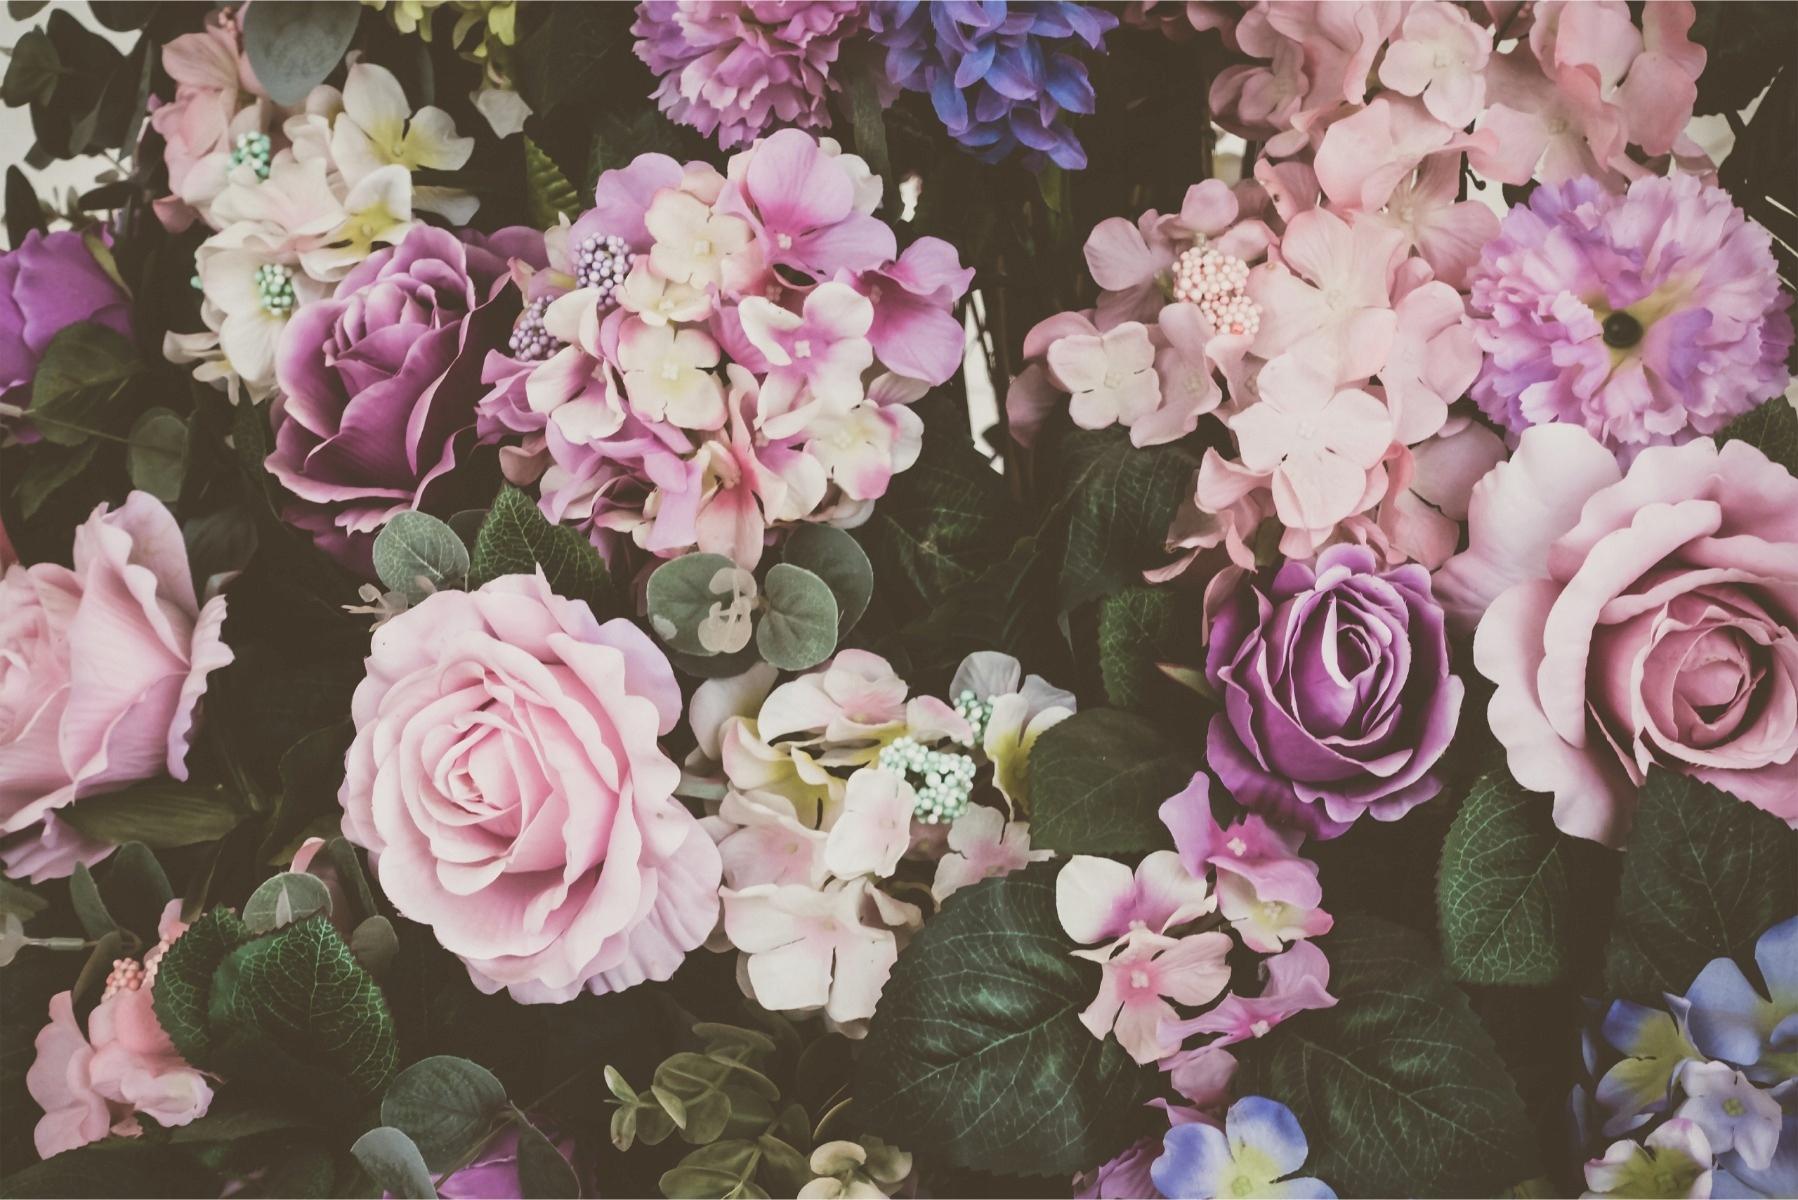 Fototapeta vinobranie kytice kvetov 300x210